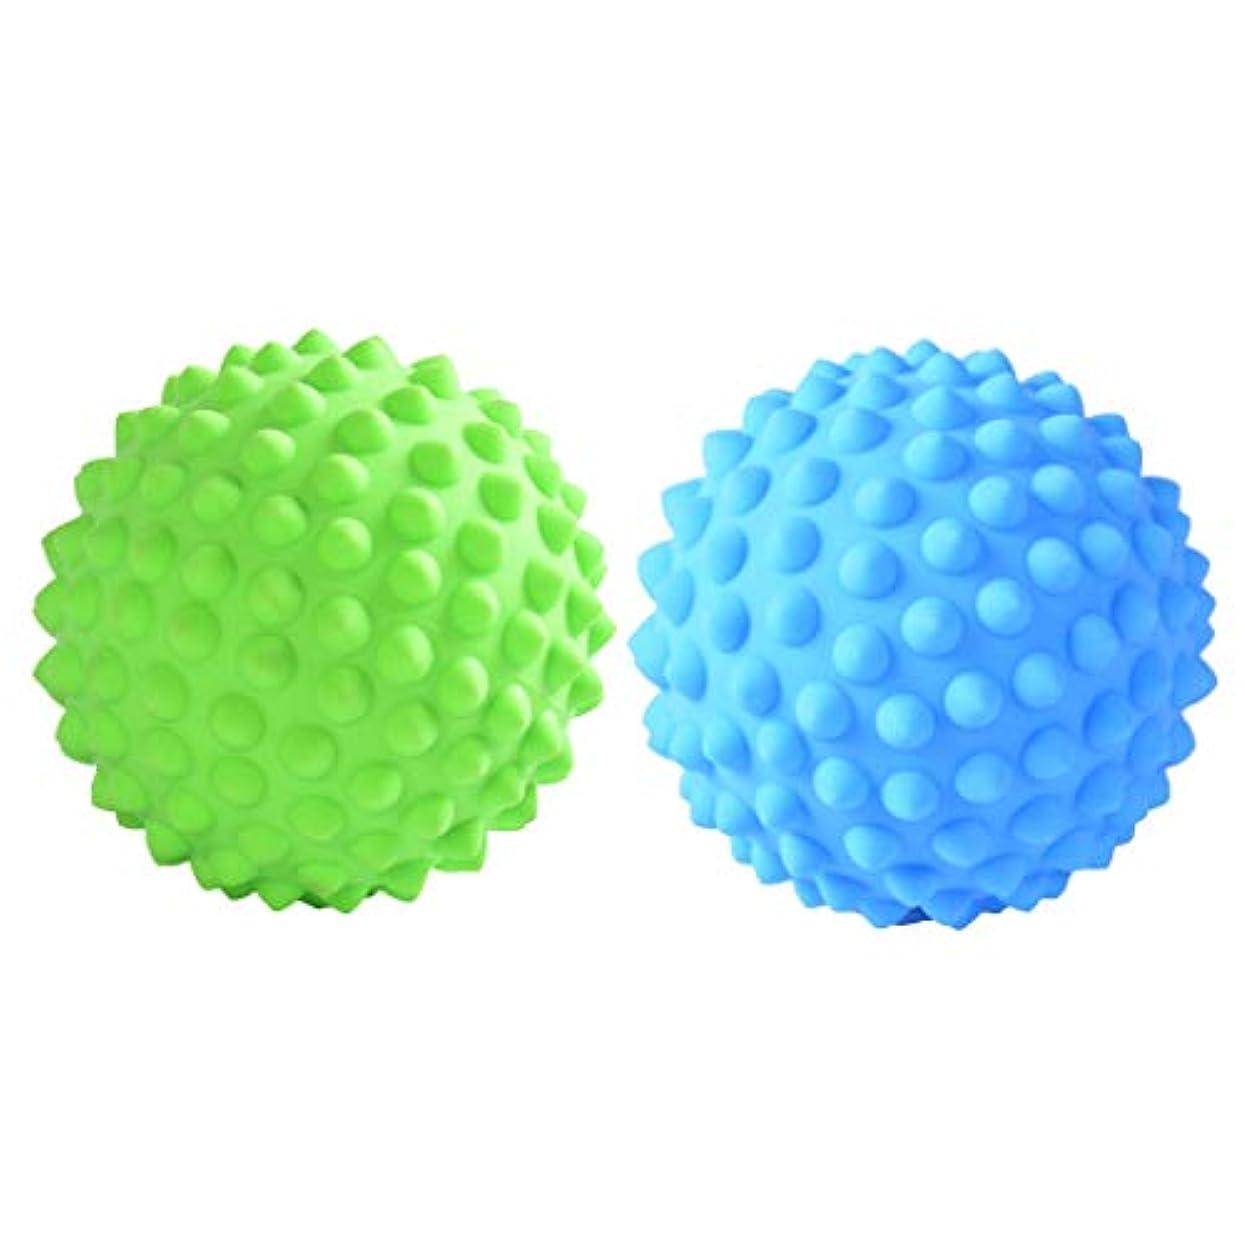 腸ビザしなければならないCUTICATE マッサージローラーボール 指圧ボール PVC トリガーポイント 筋膜 疲労軽減 健康的 2個入